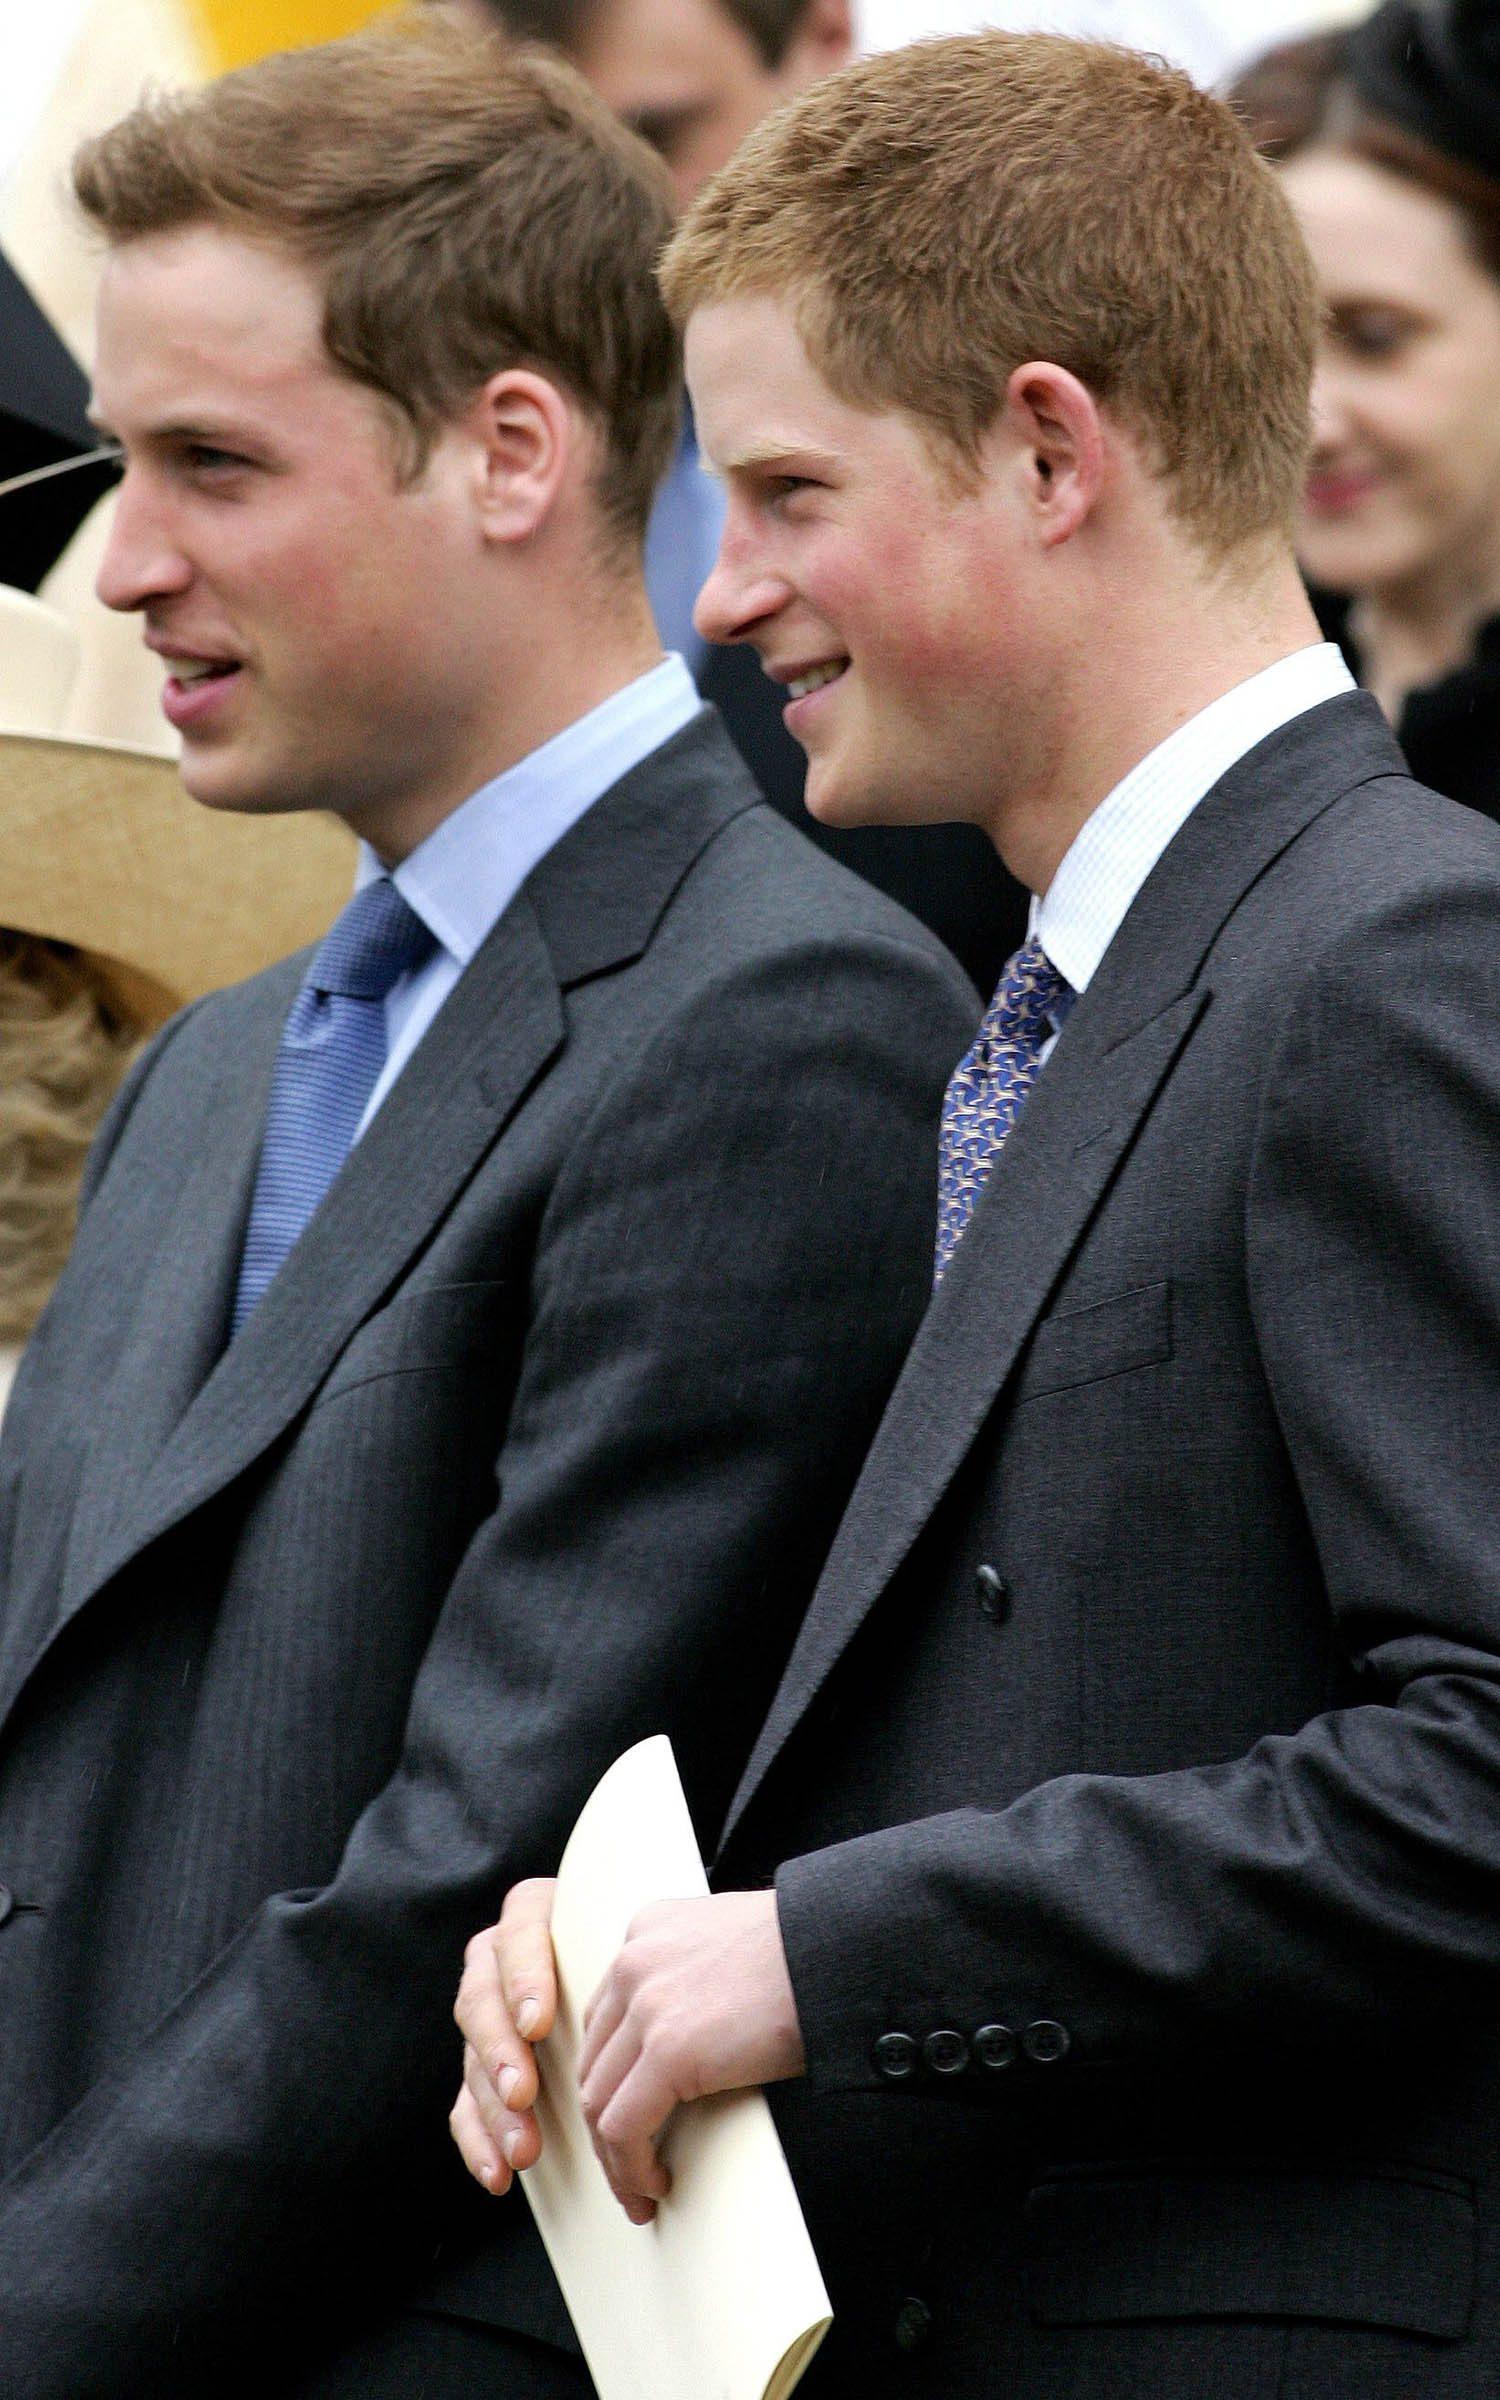 Famille royale : photo de William et Harry lors la célébration de l'anniversaire de leur grand-mère.